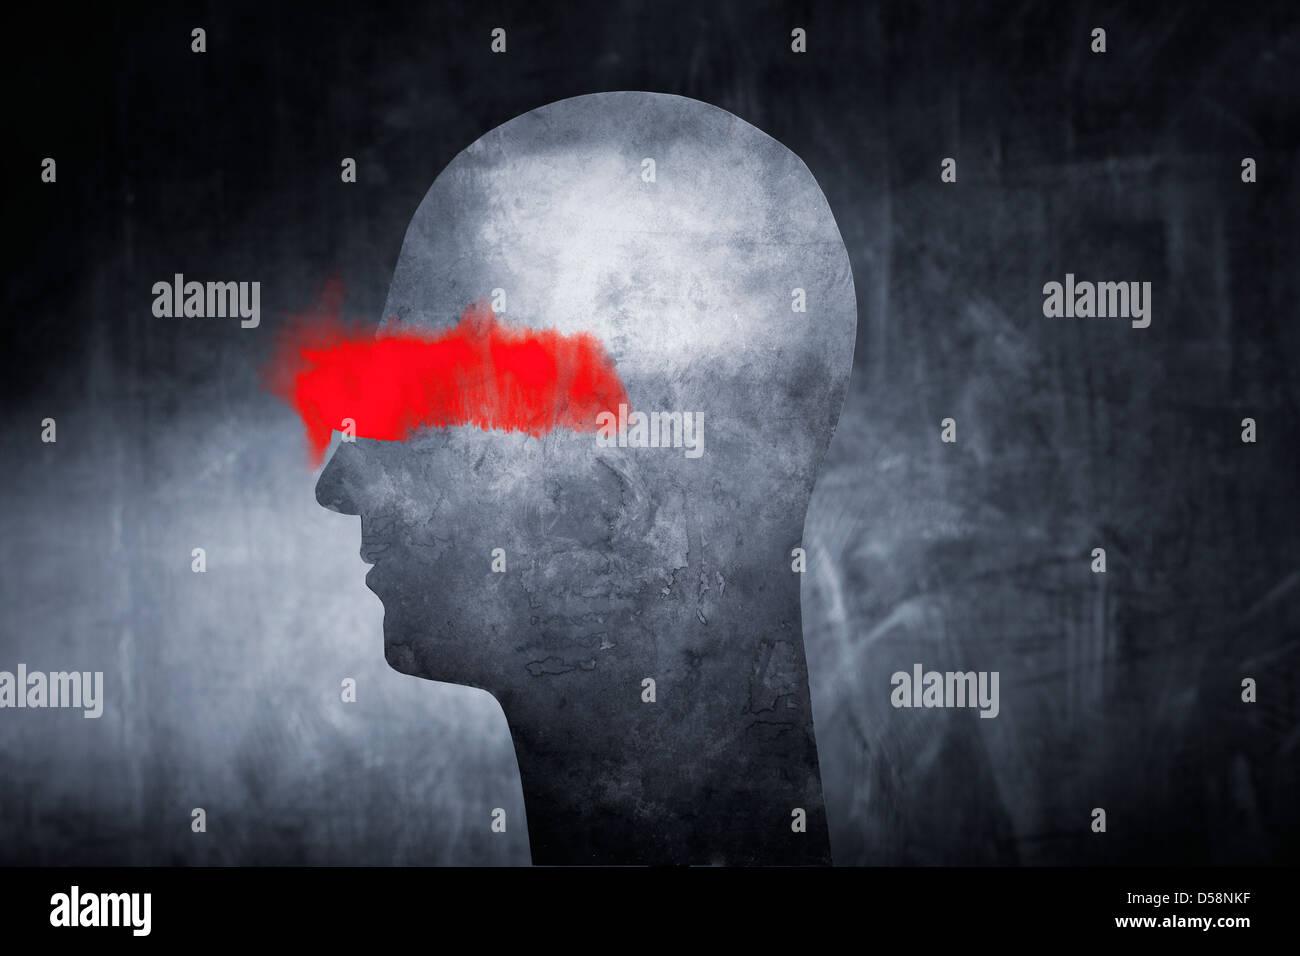 Immagine concettuale di un abstract testa con vernice rossa sopra gli occhi. Immagini Stock